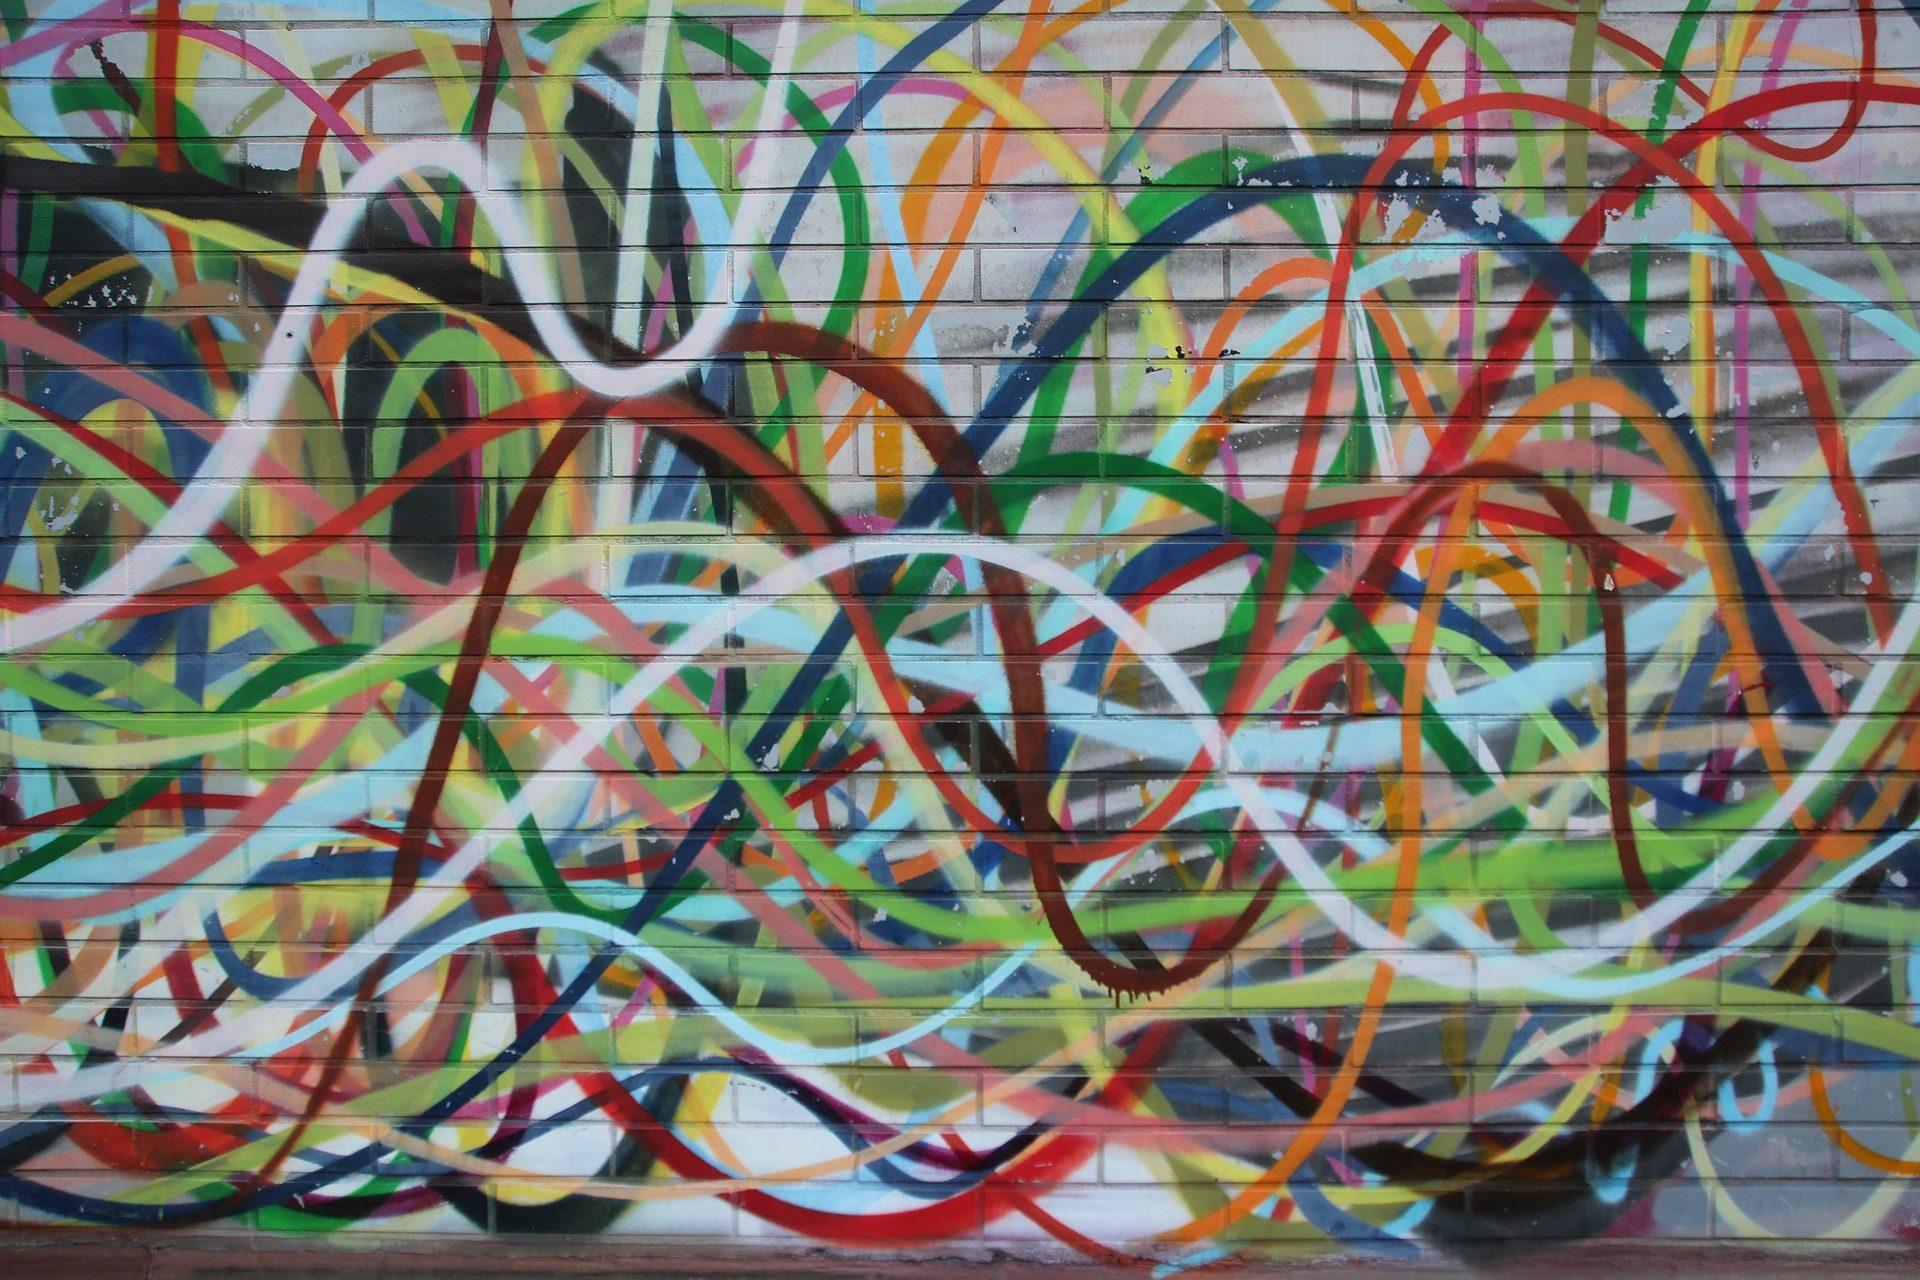 涂鸦, 线条, 条纹, 画, 壁画, 墙上 - 高清壁纸 - 教授-falken.com